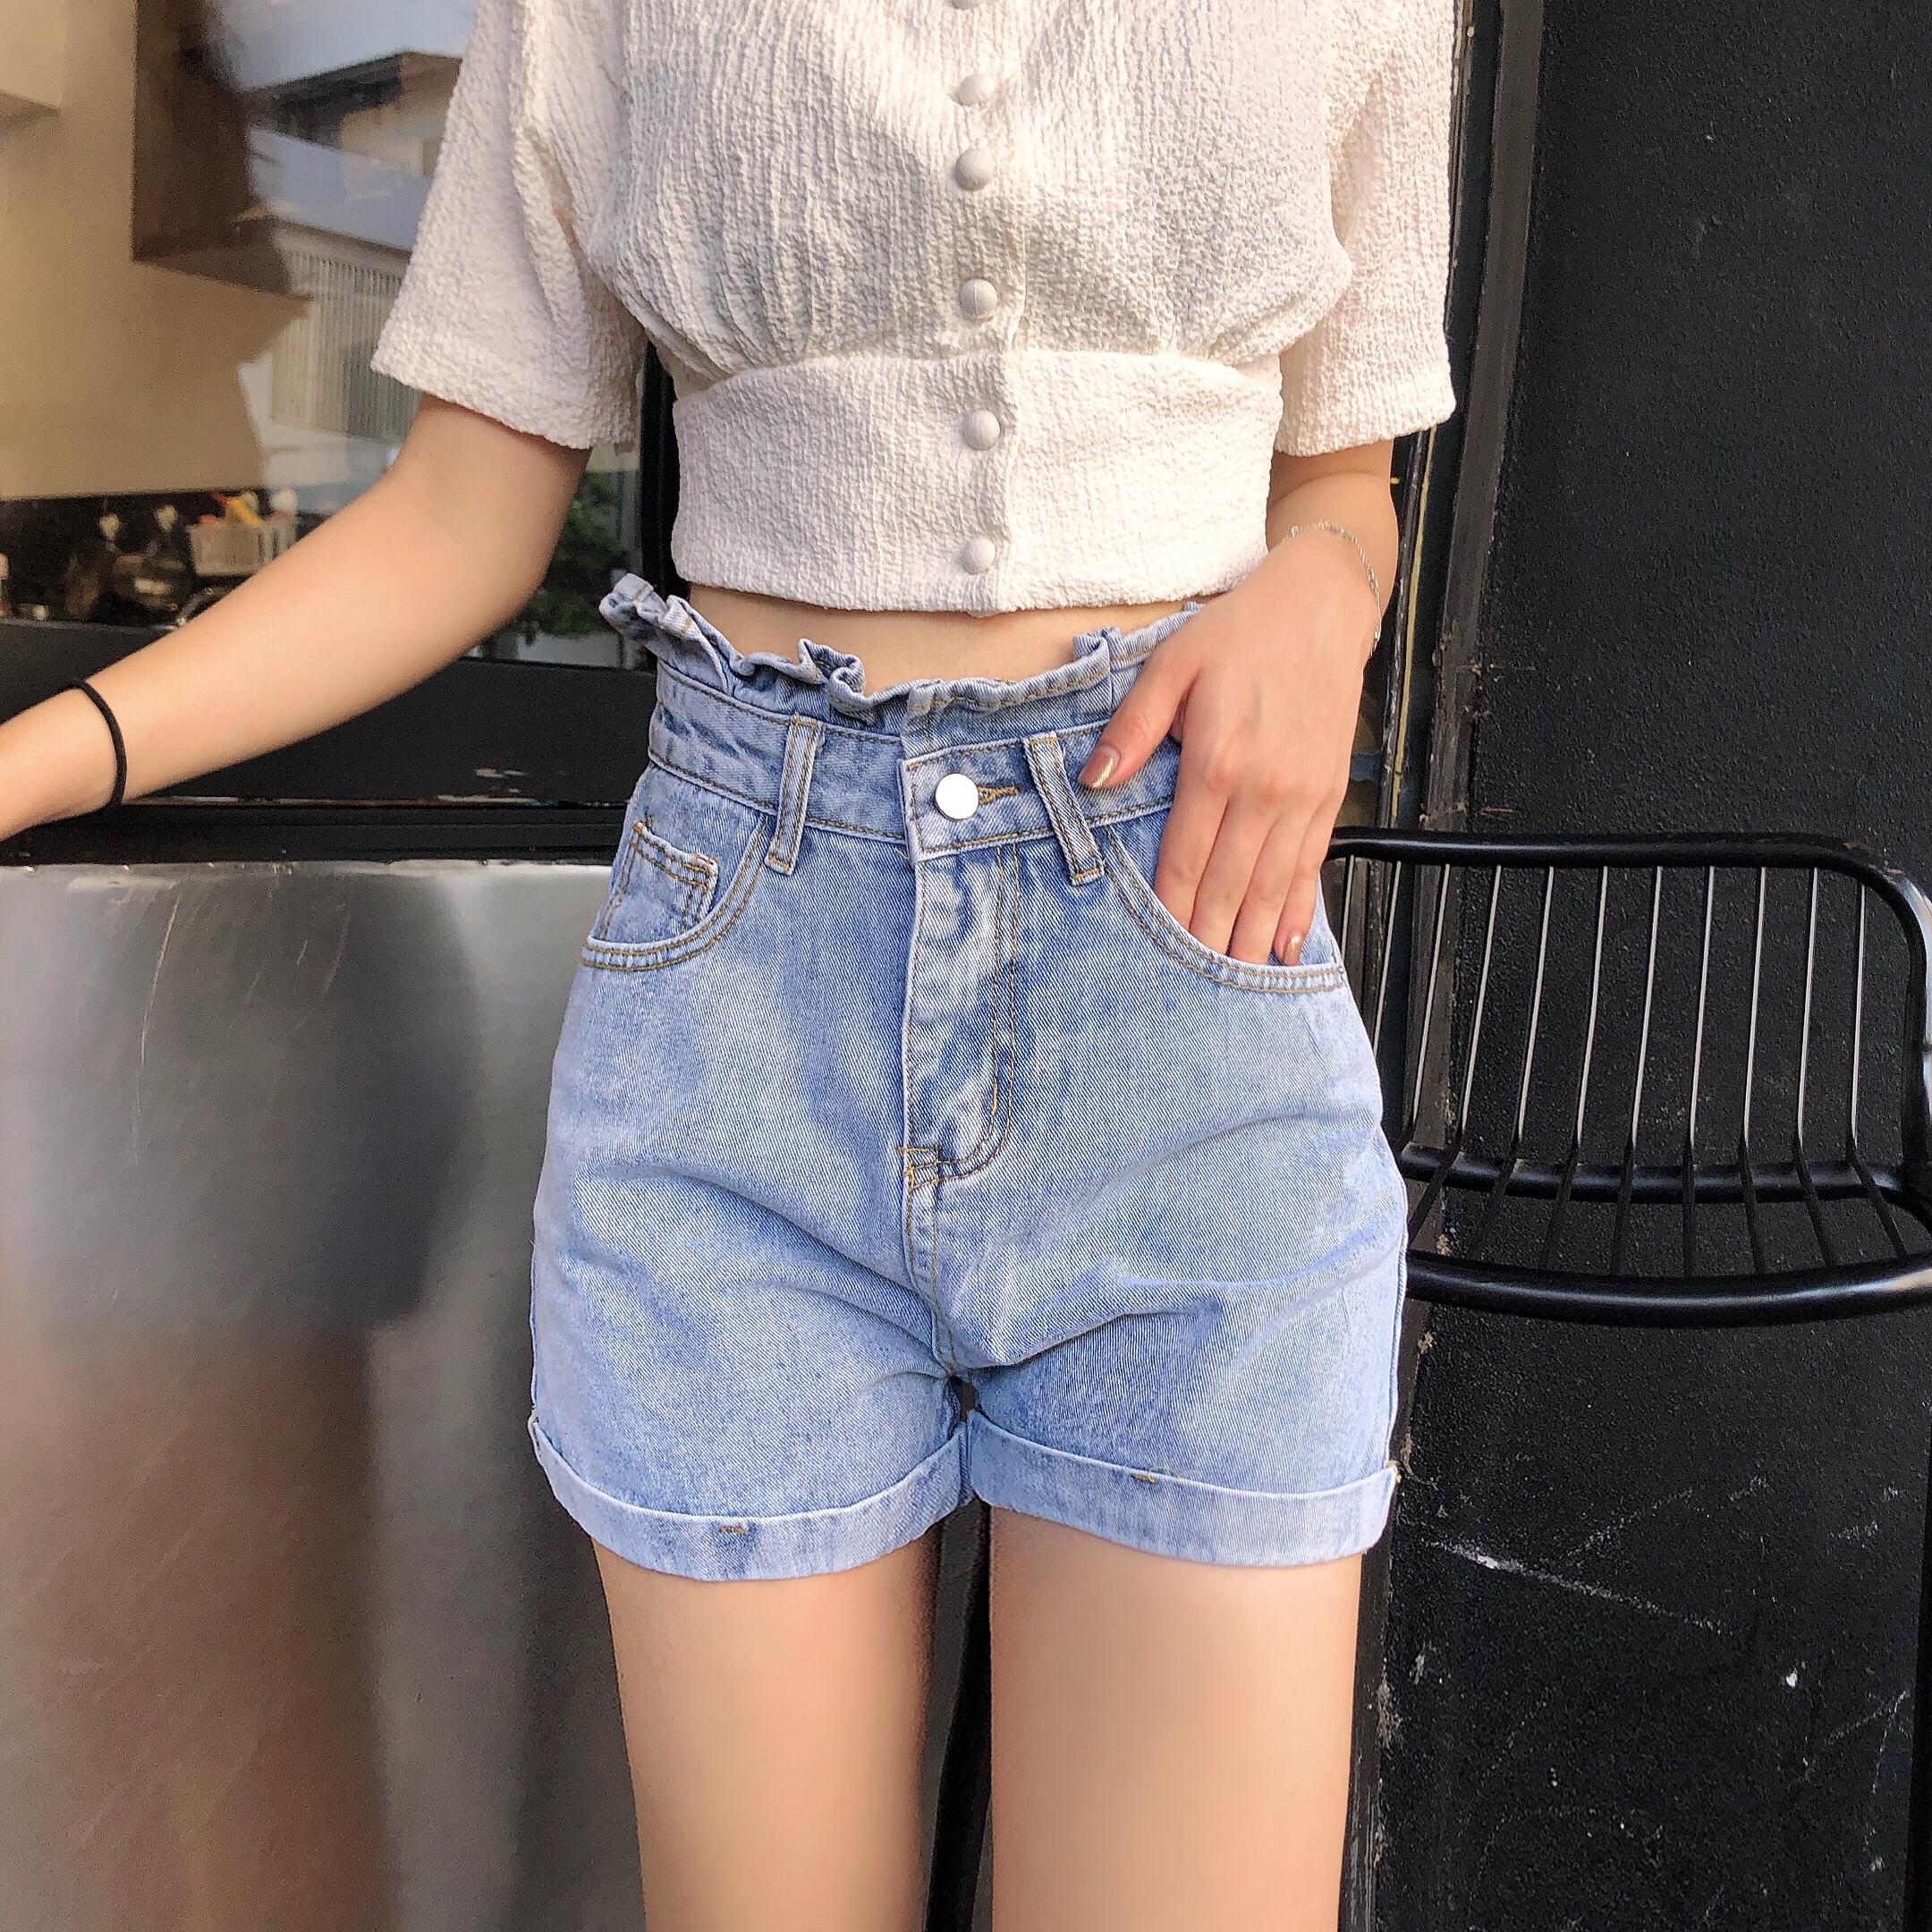 實拍破洞牛仔超短褲女高腰新款夏顯瘦寬松a字潮外穿闊腿熱褲韓版